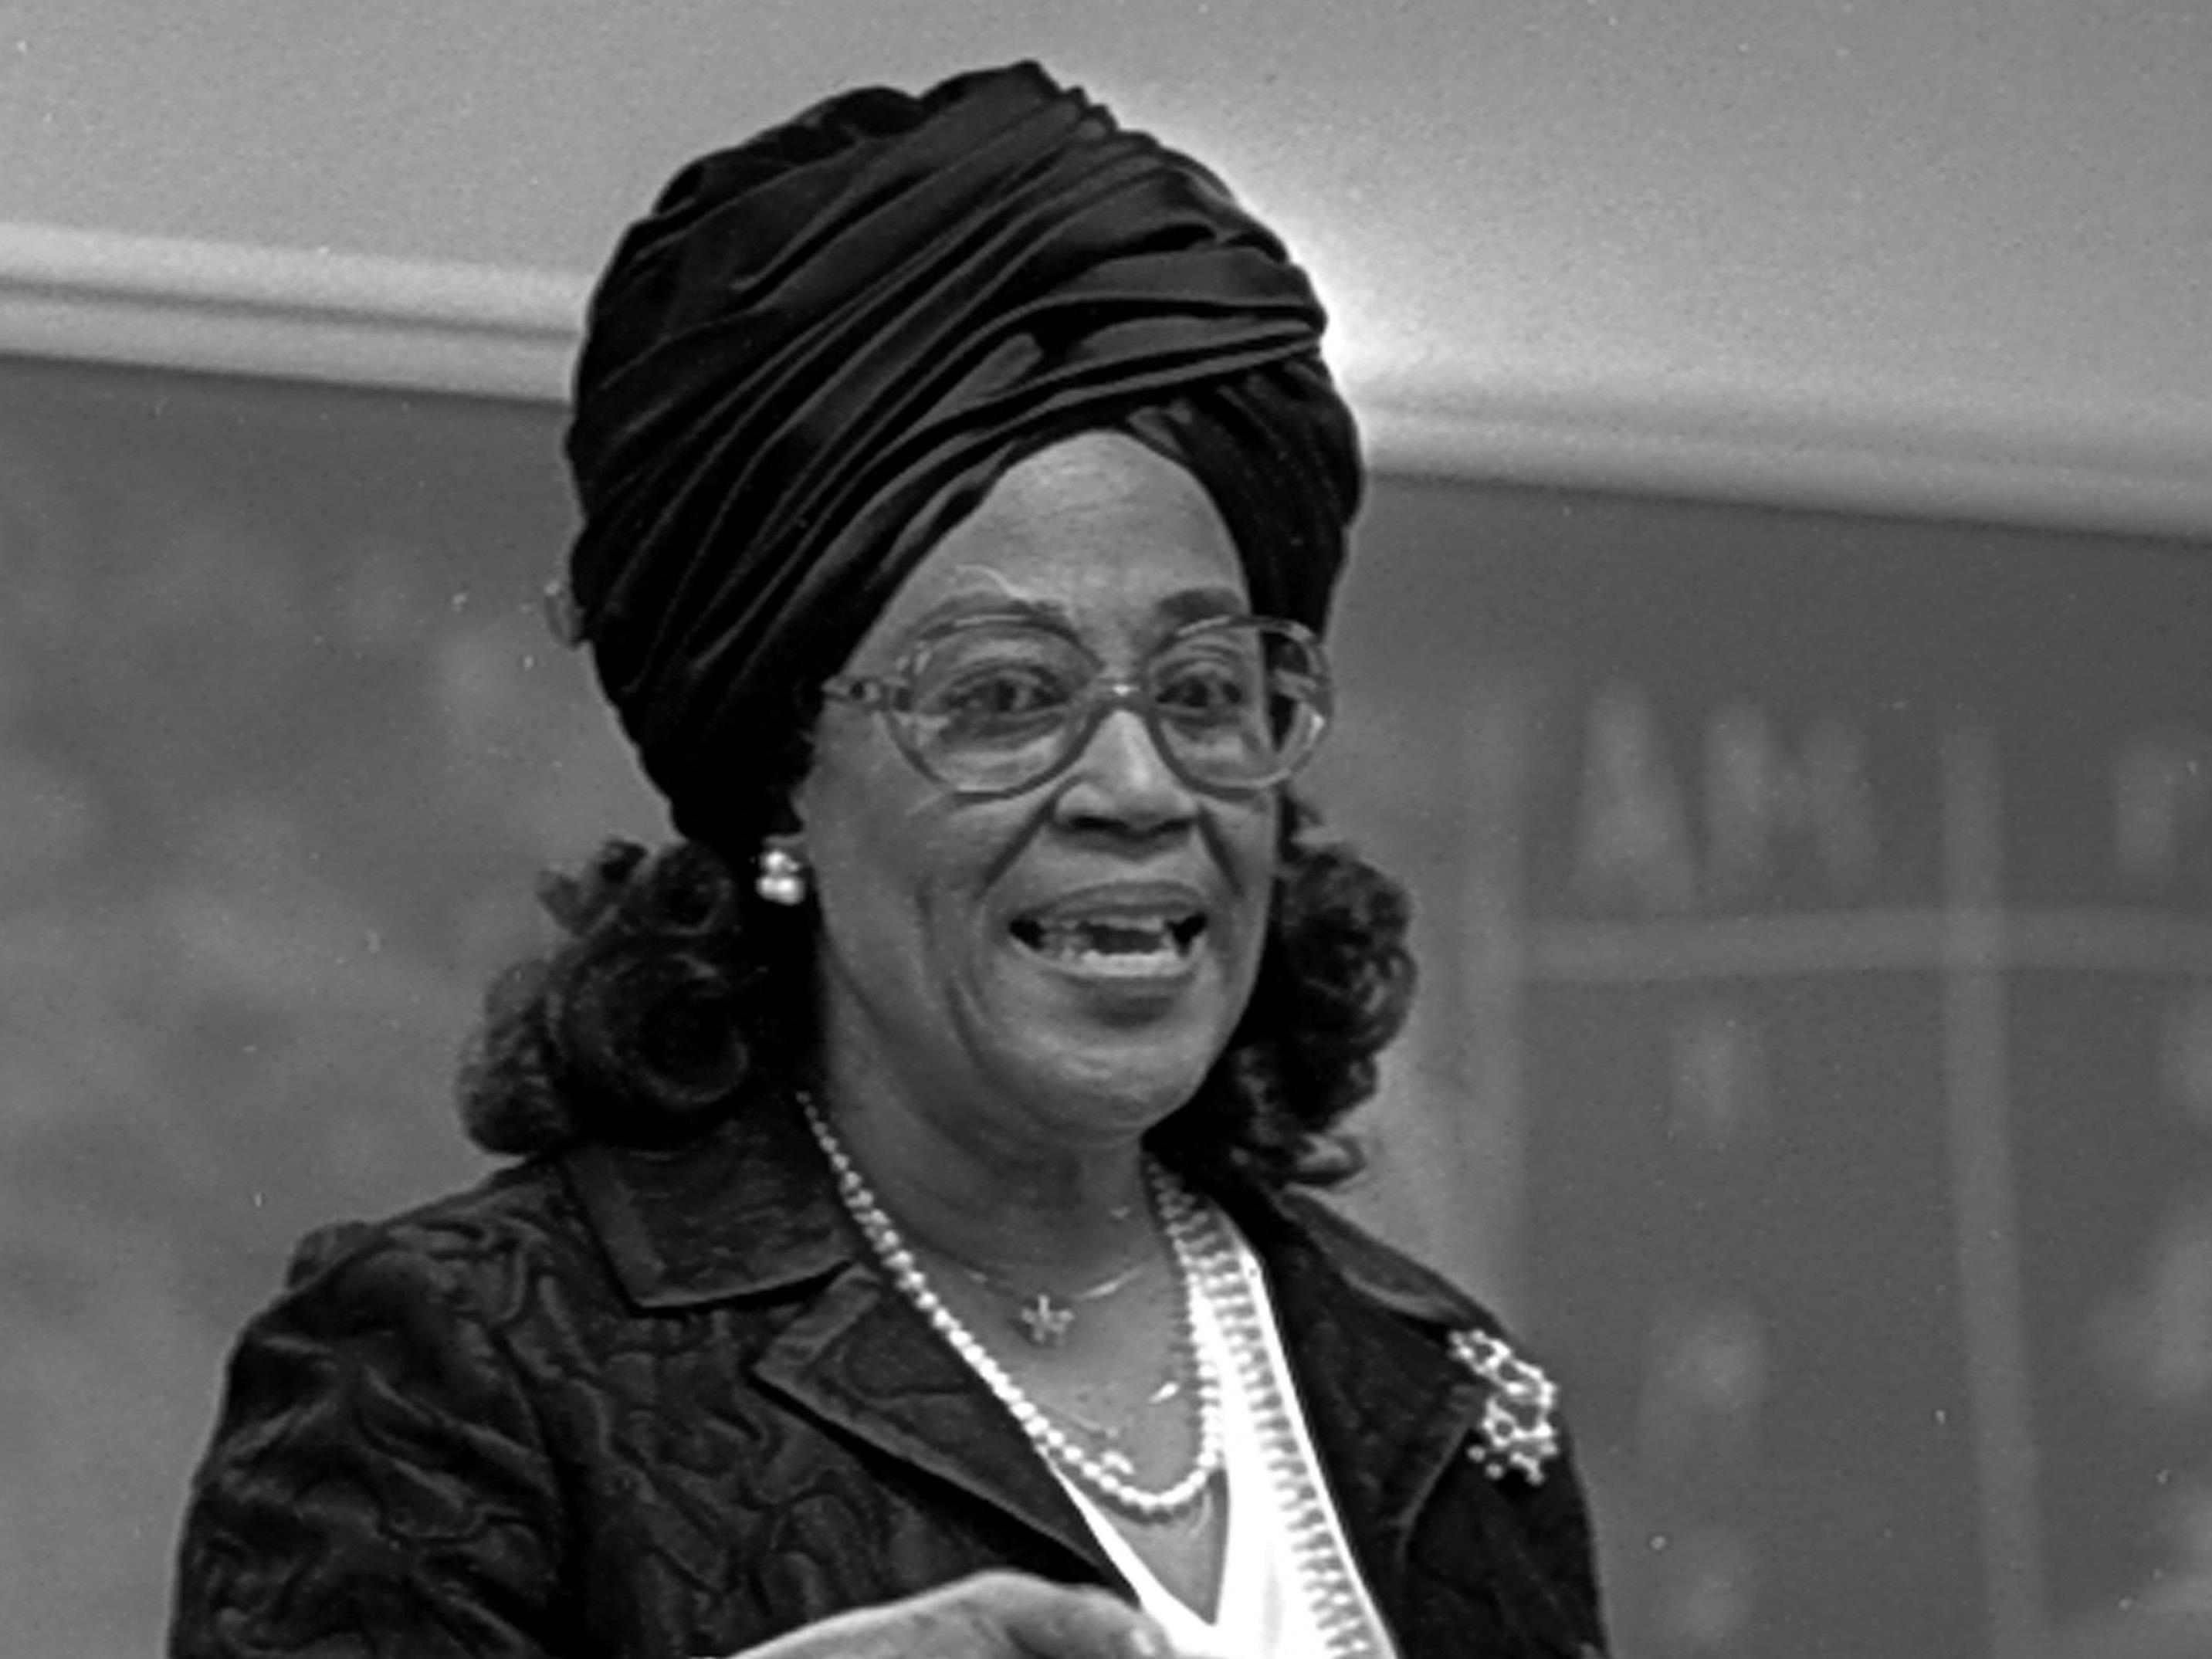 Williams sang sowohl vor Martin Luther Kings legendärer Rede, als auch ein Jahr später bei seiner Nobelpreisverleihung.